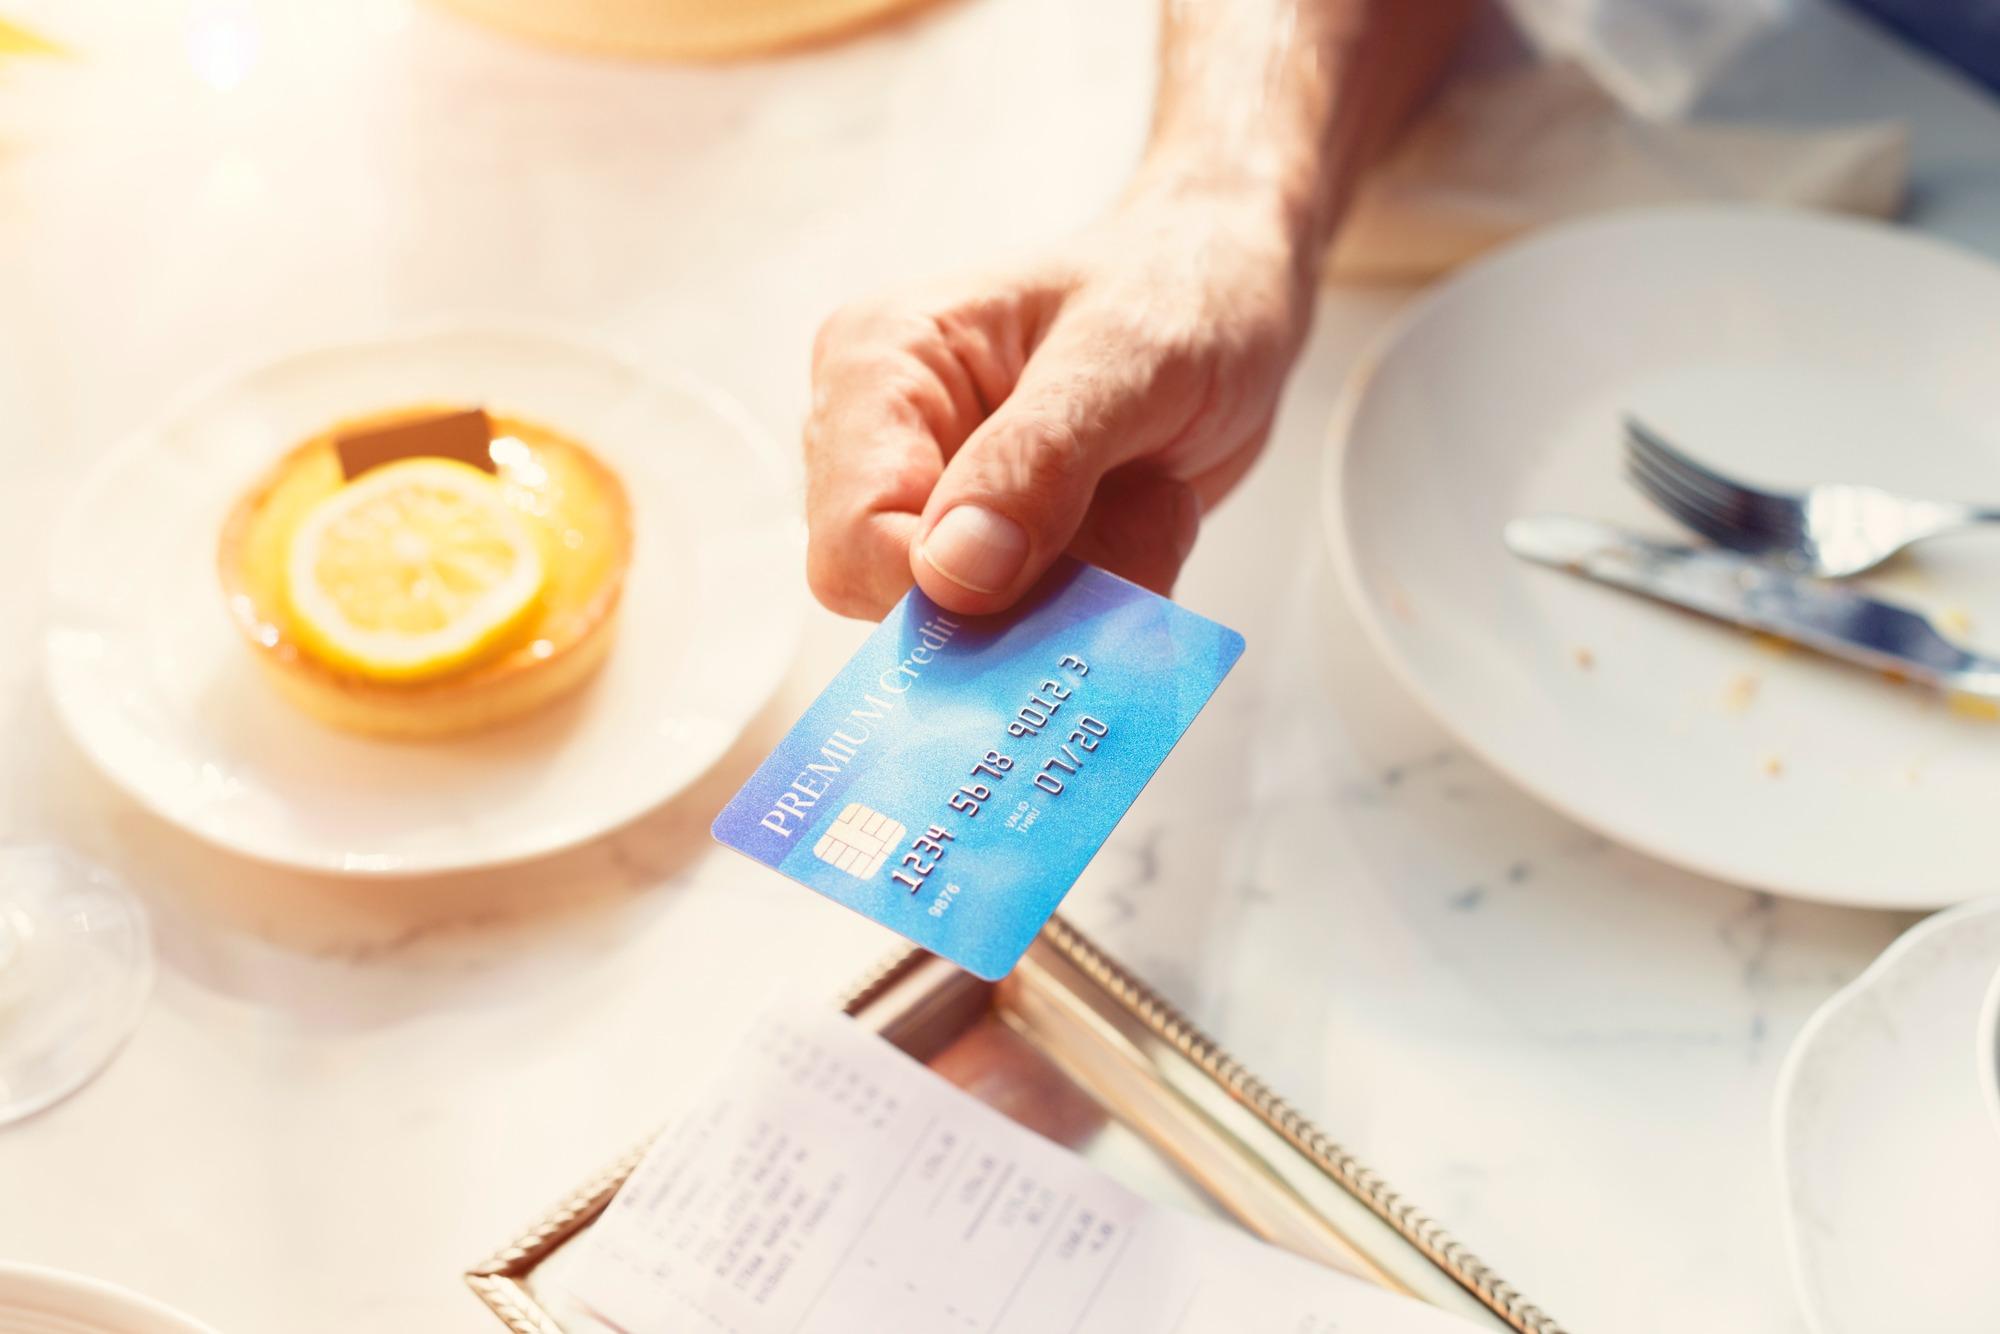 飲食店でクレジットカード決済する方法と、支払いを拒否された時の対処法